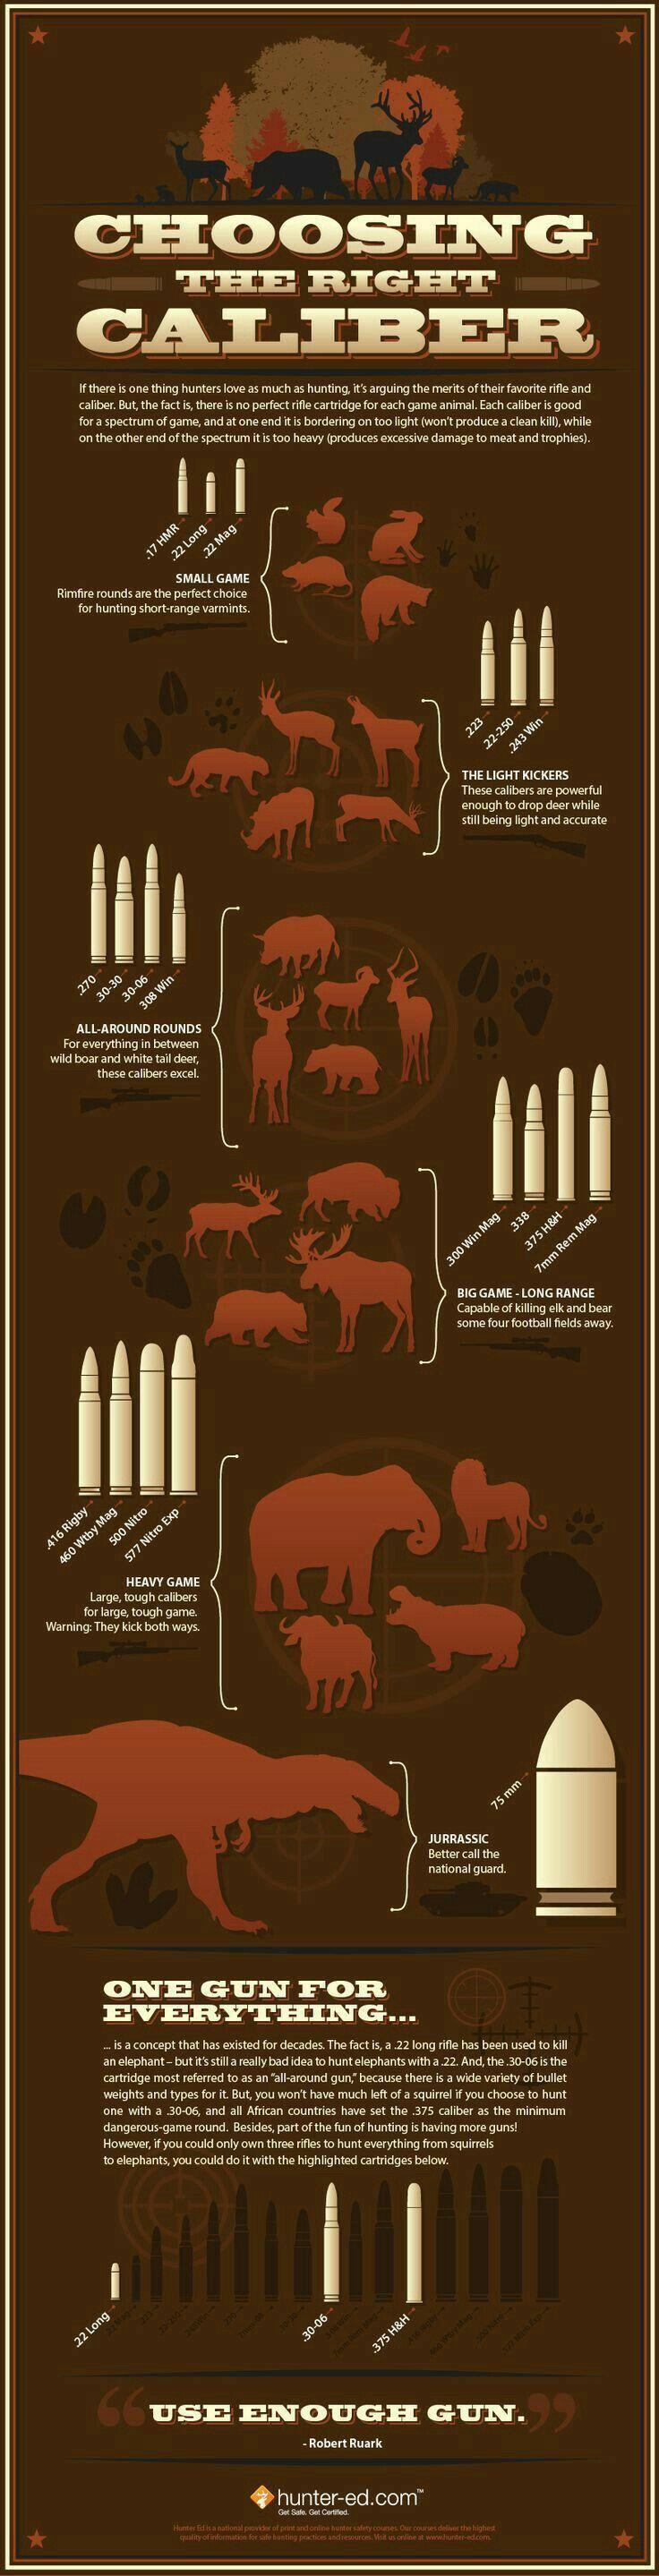 Pour avoir une petite idée des calibres selon les animaux !!